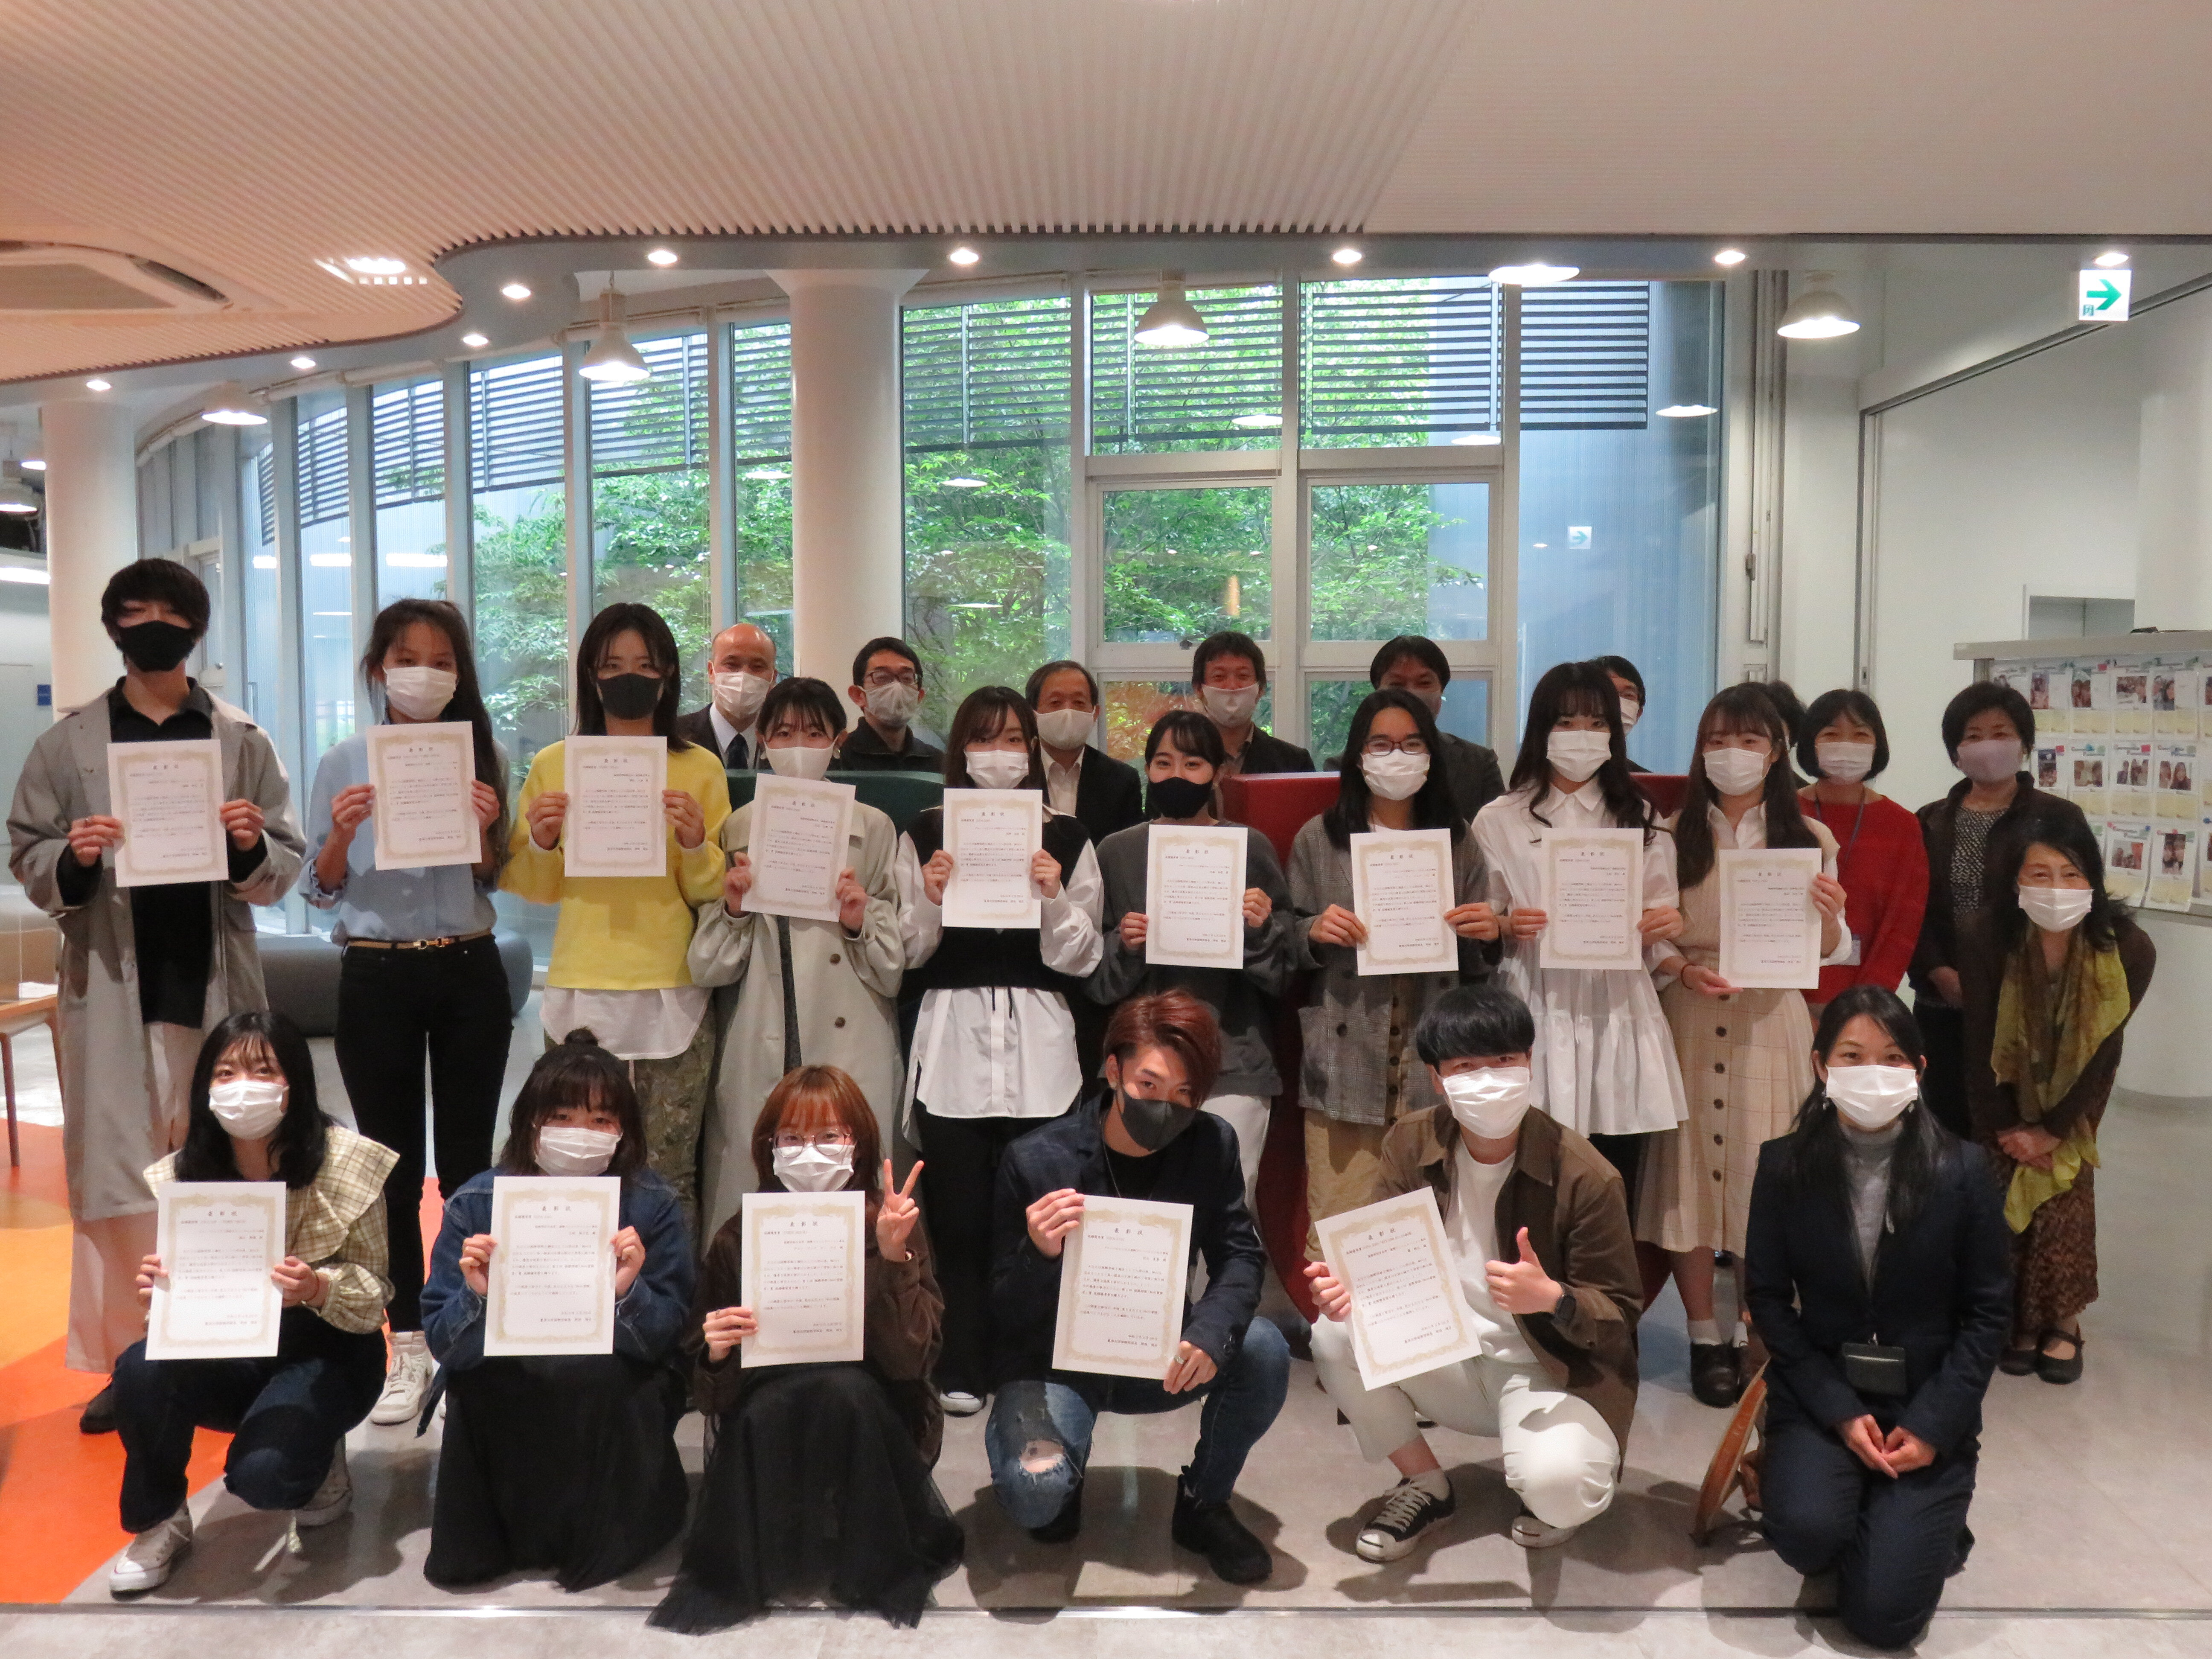 【開催報告】国際学部で「知の冒険者賞」表彰式を行いました。